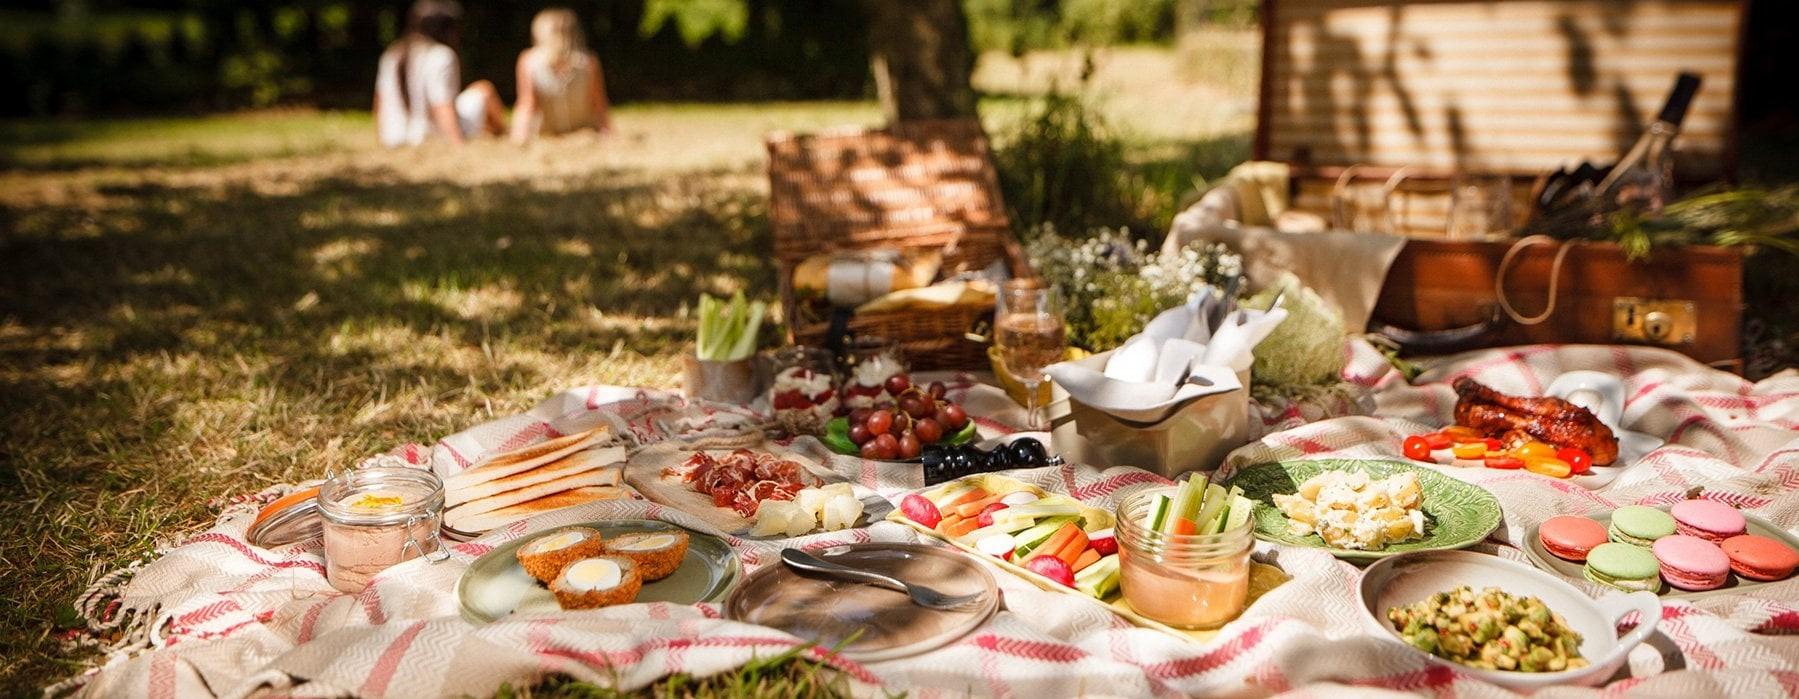 Emportez vos choses préférées à manger, une bouteille de champagne, une couverture et dirigez-vous vers votre endroit préféré.